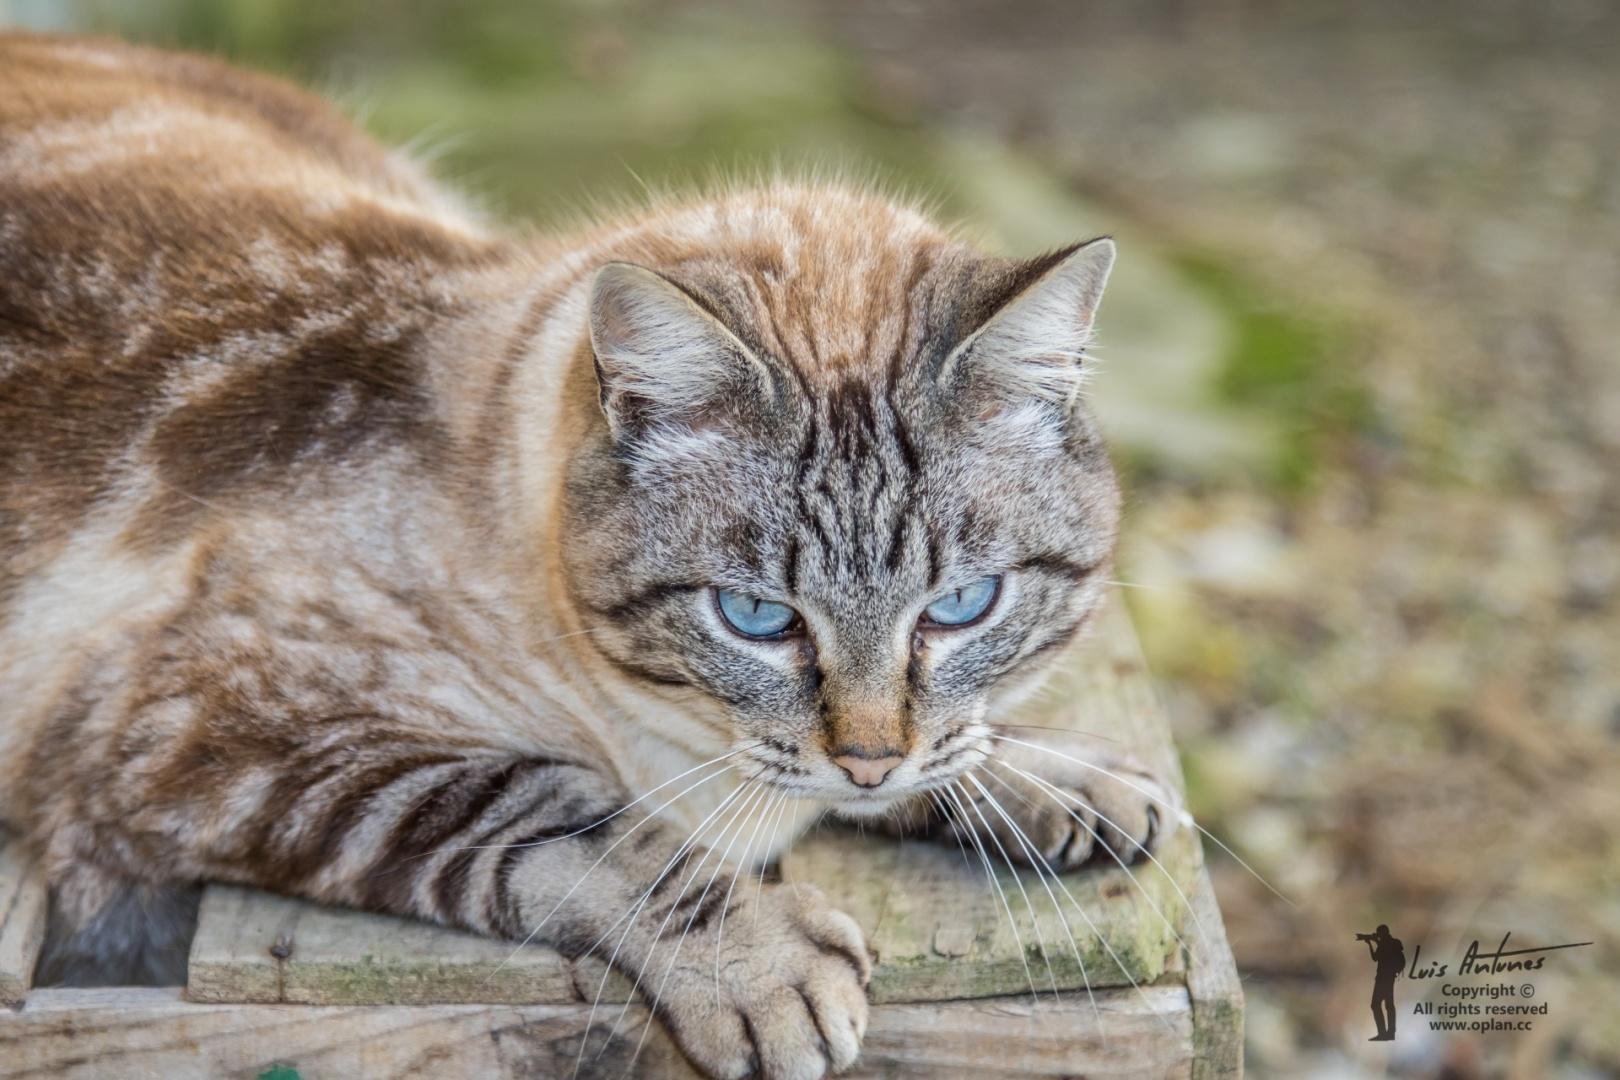 Animais/Riscas - The street cat